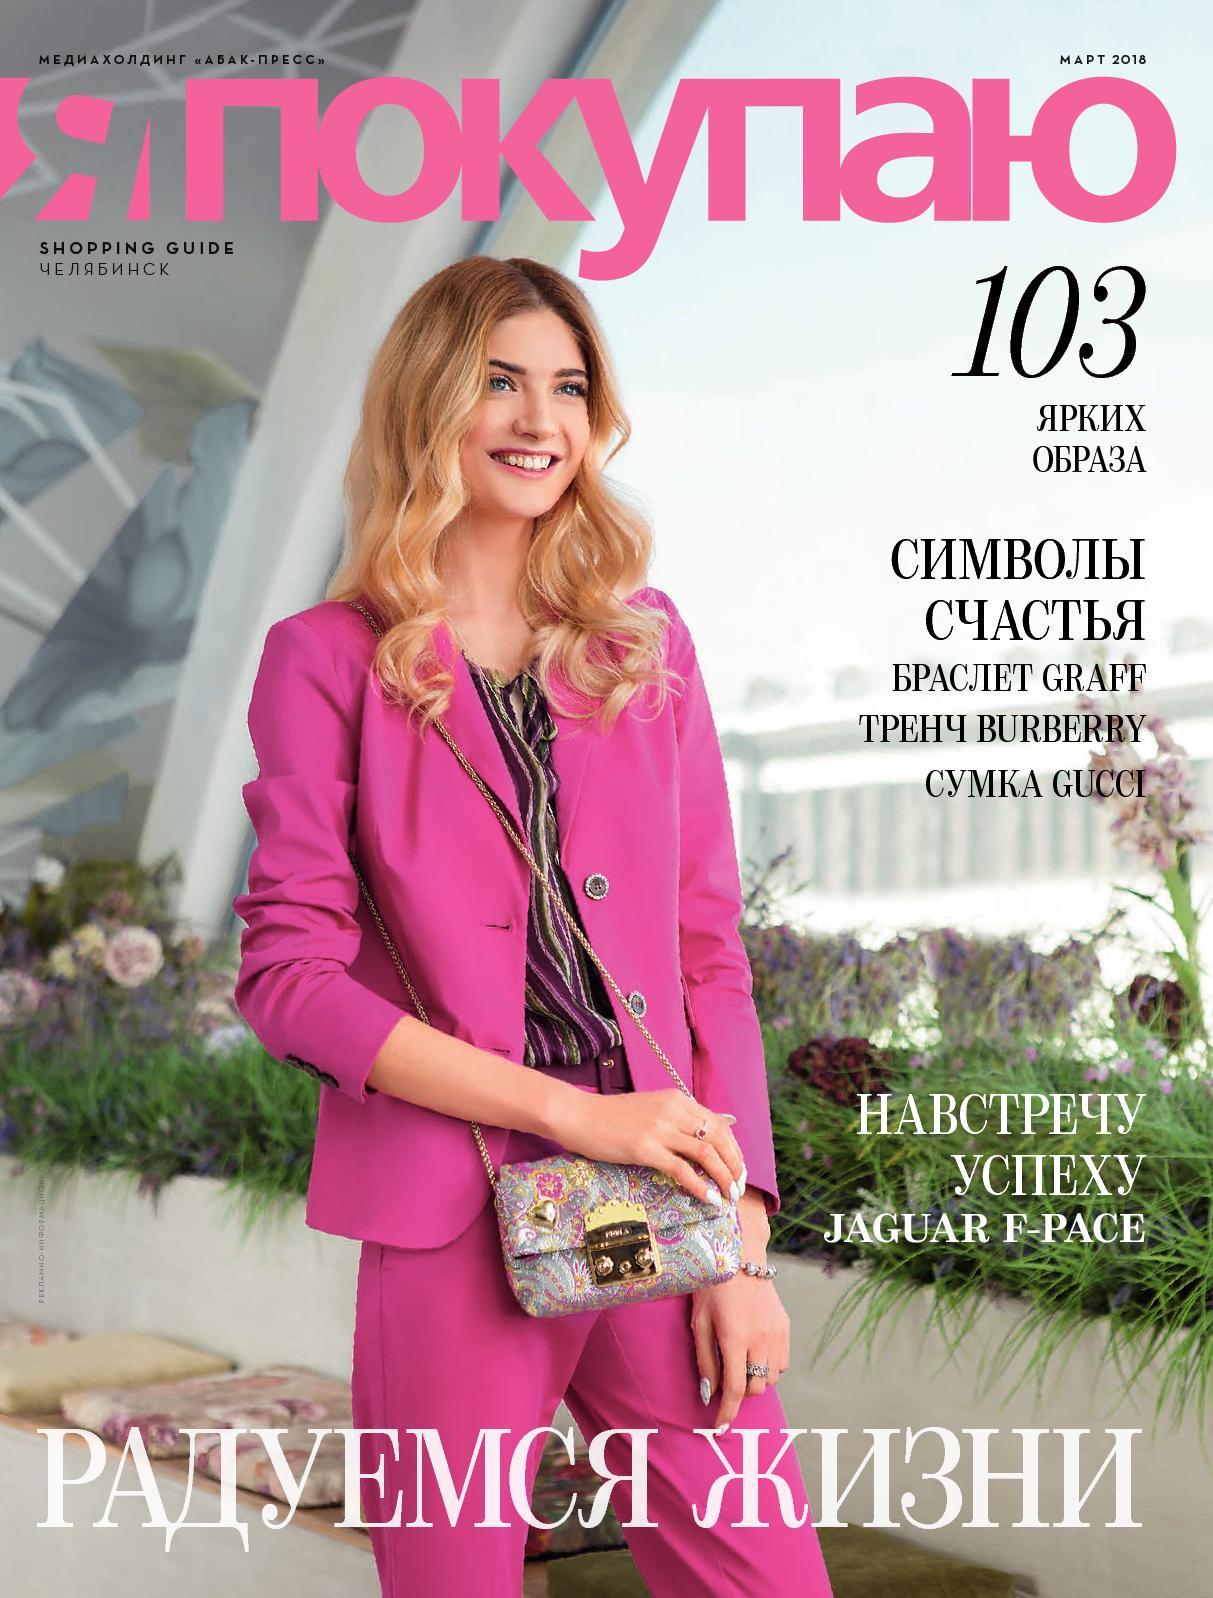 Shopping Guide «Я Покупаю. Челябинск», март 2018